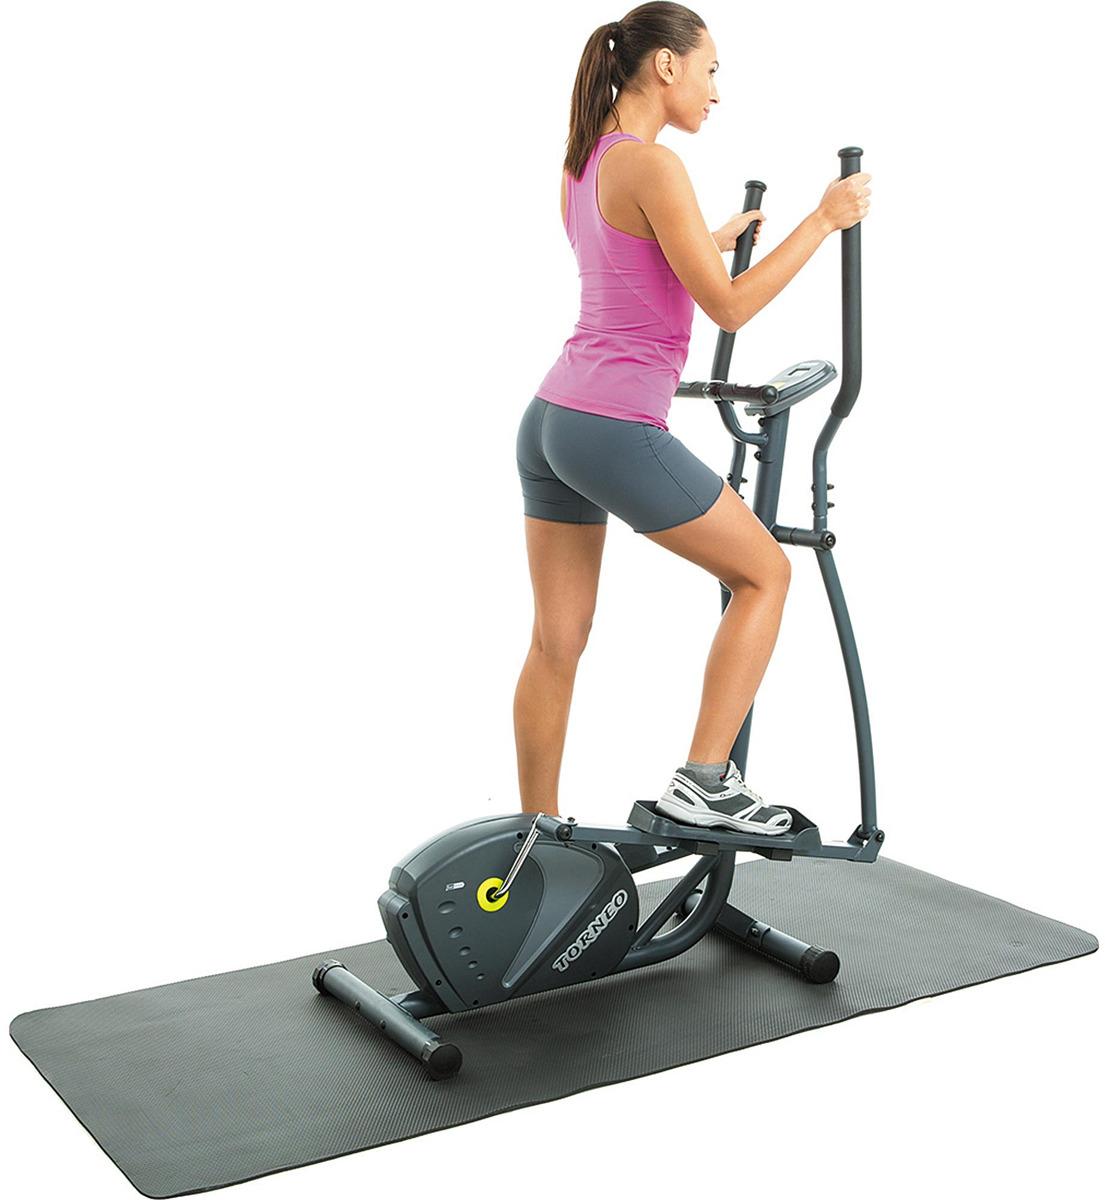 Тренажер Для Ходьбы Для Похудения. Как добиться максимальной эффективности от ходьбы на беговой дорожке для похудения